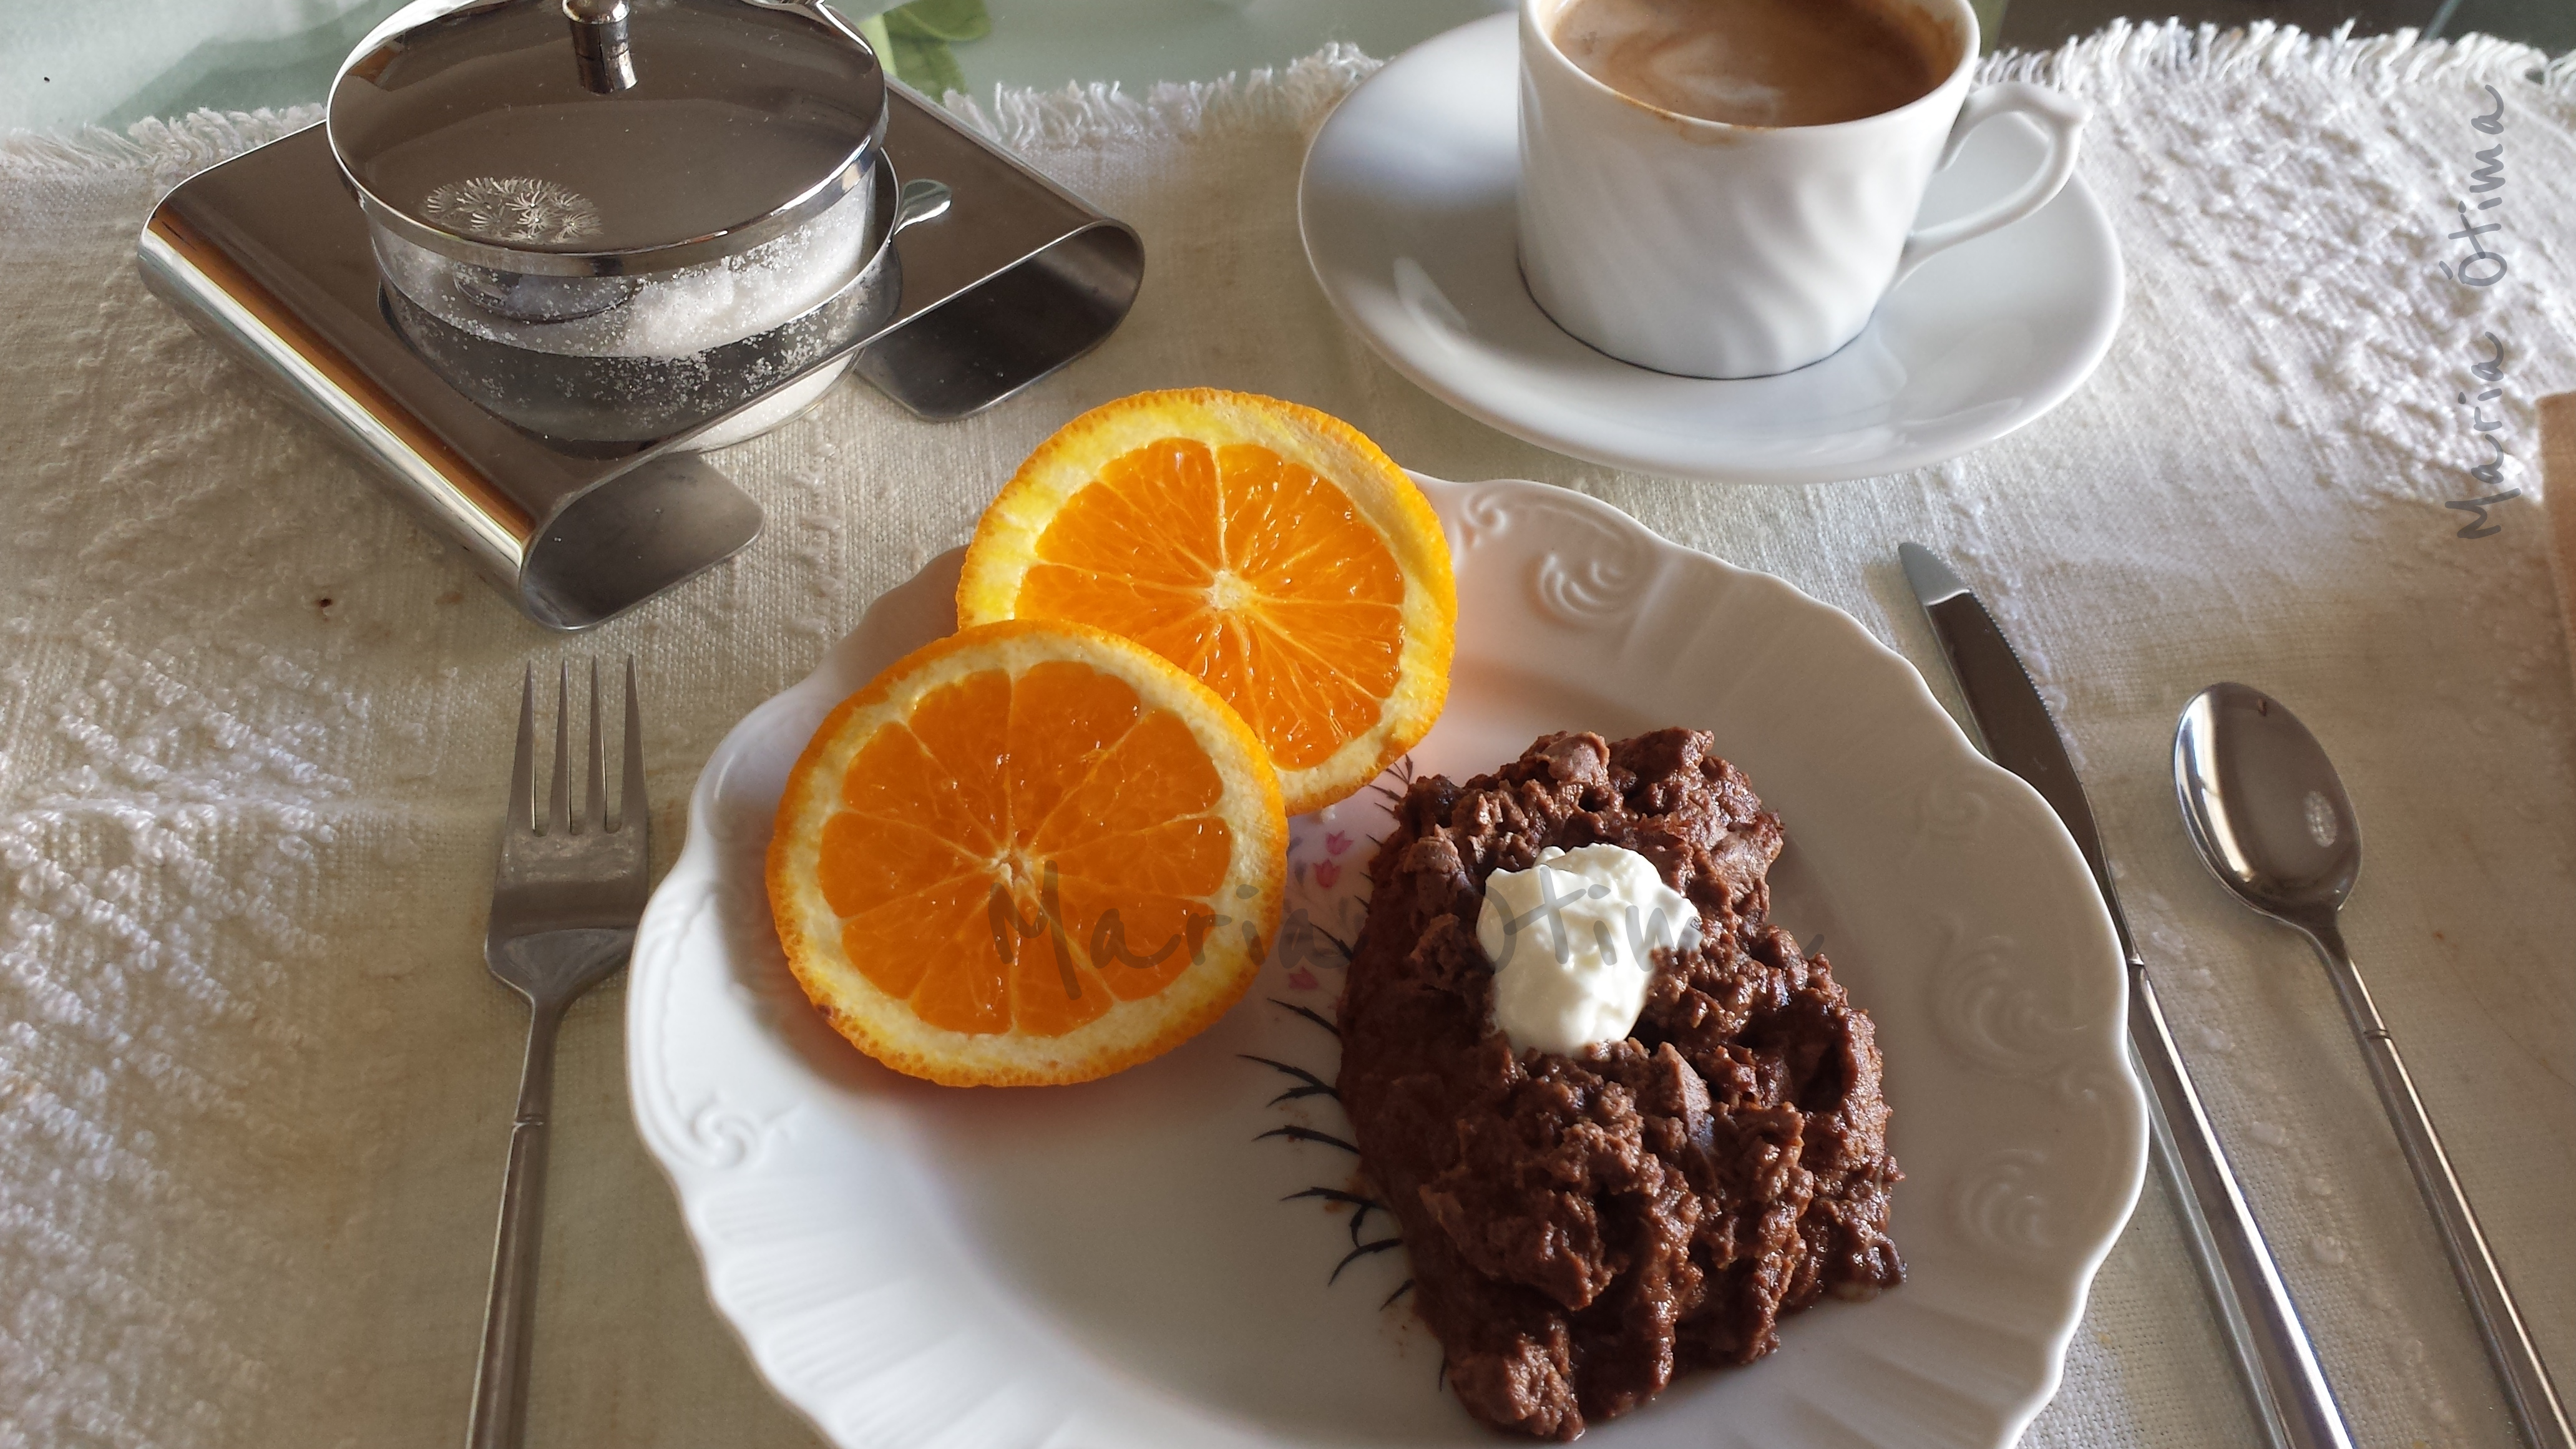 Ovos mexidoscom chocolate